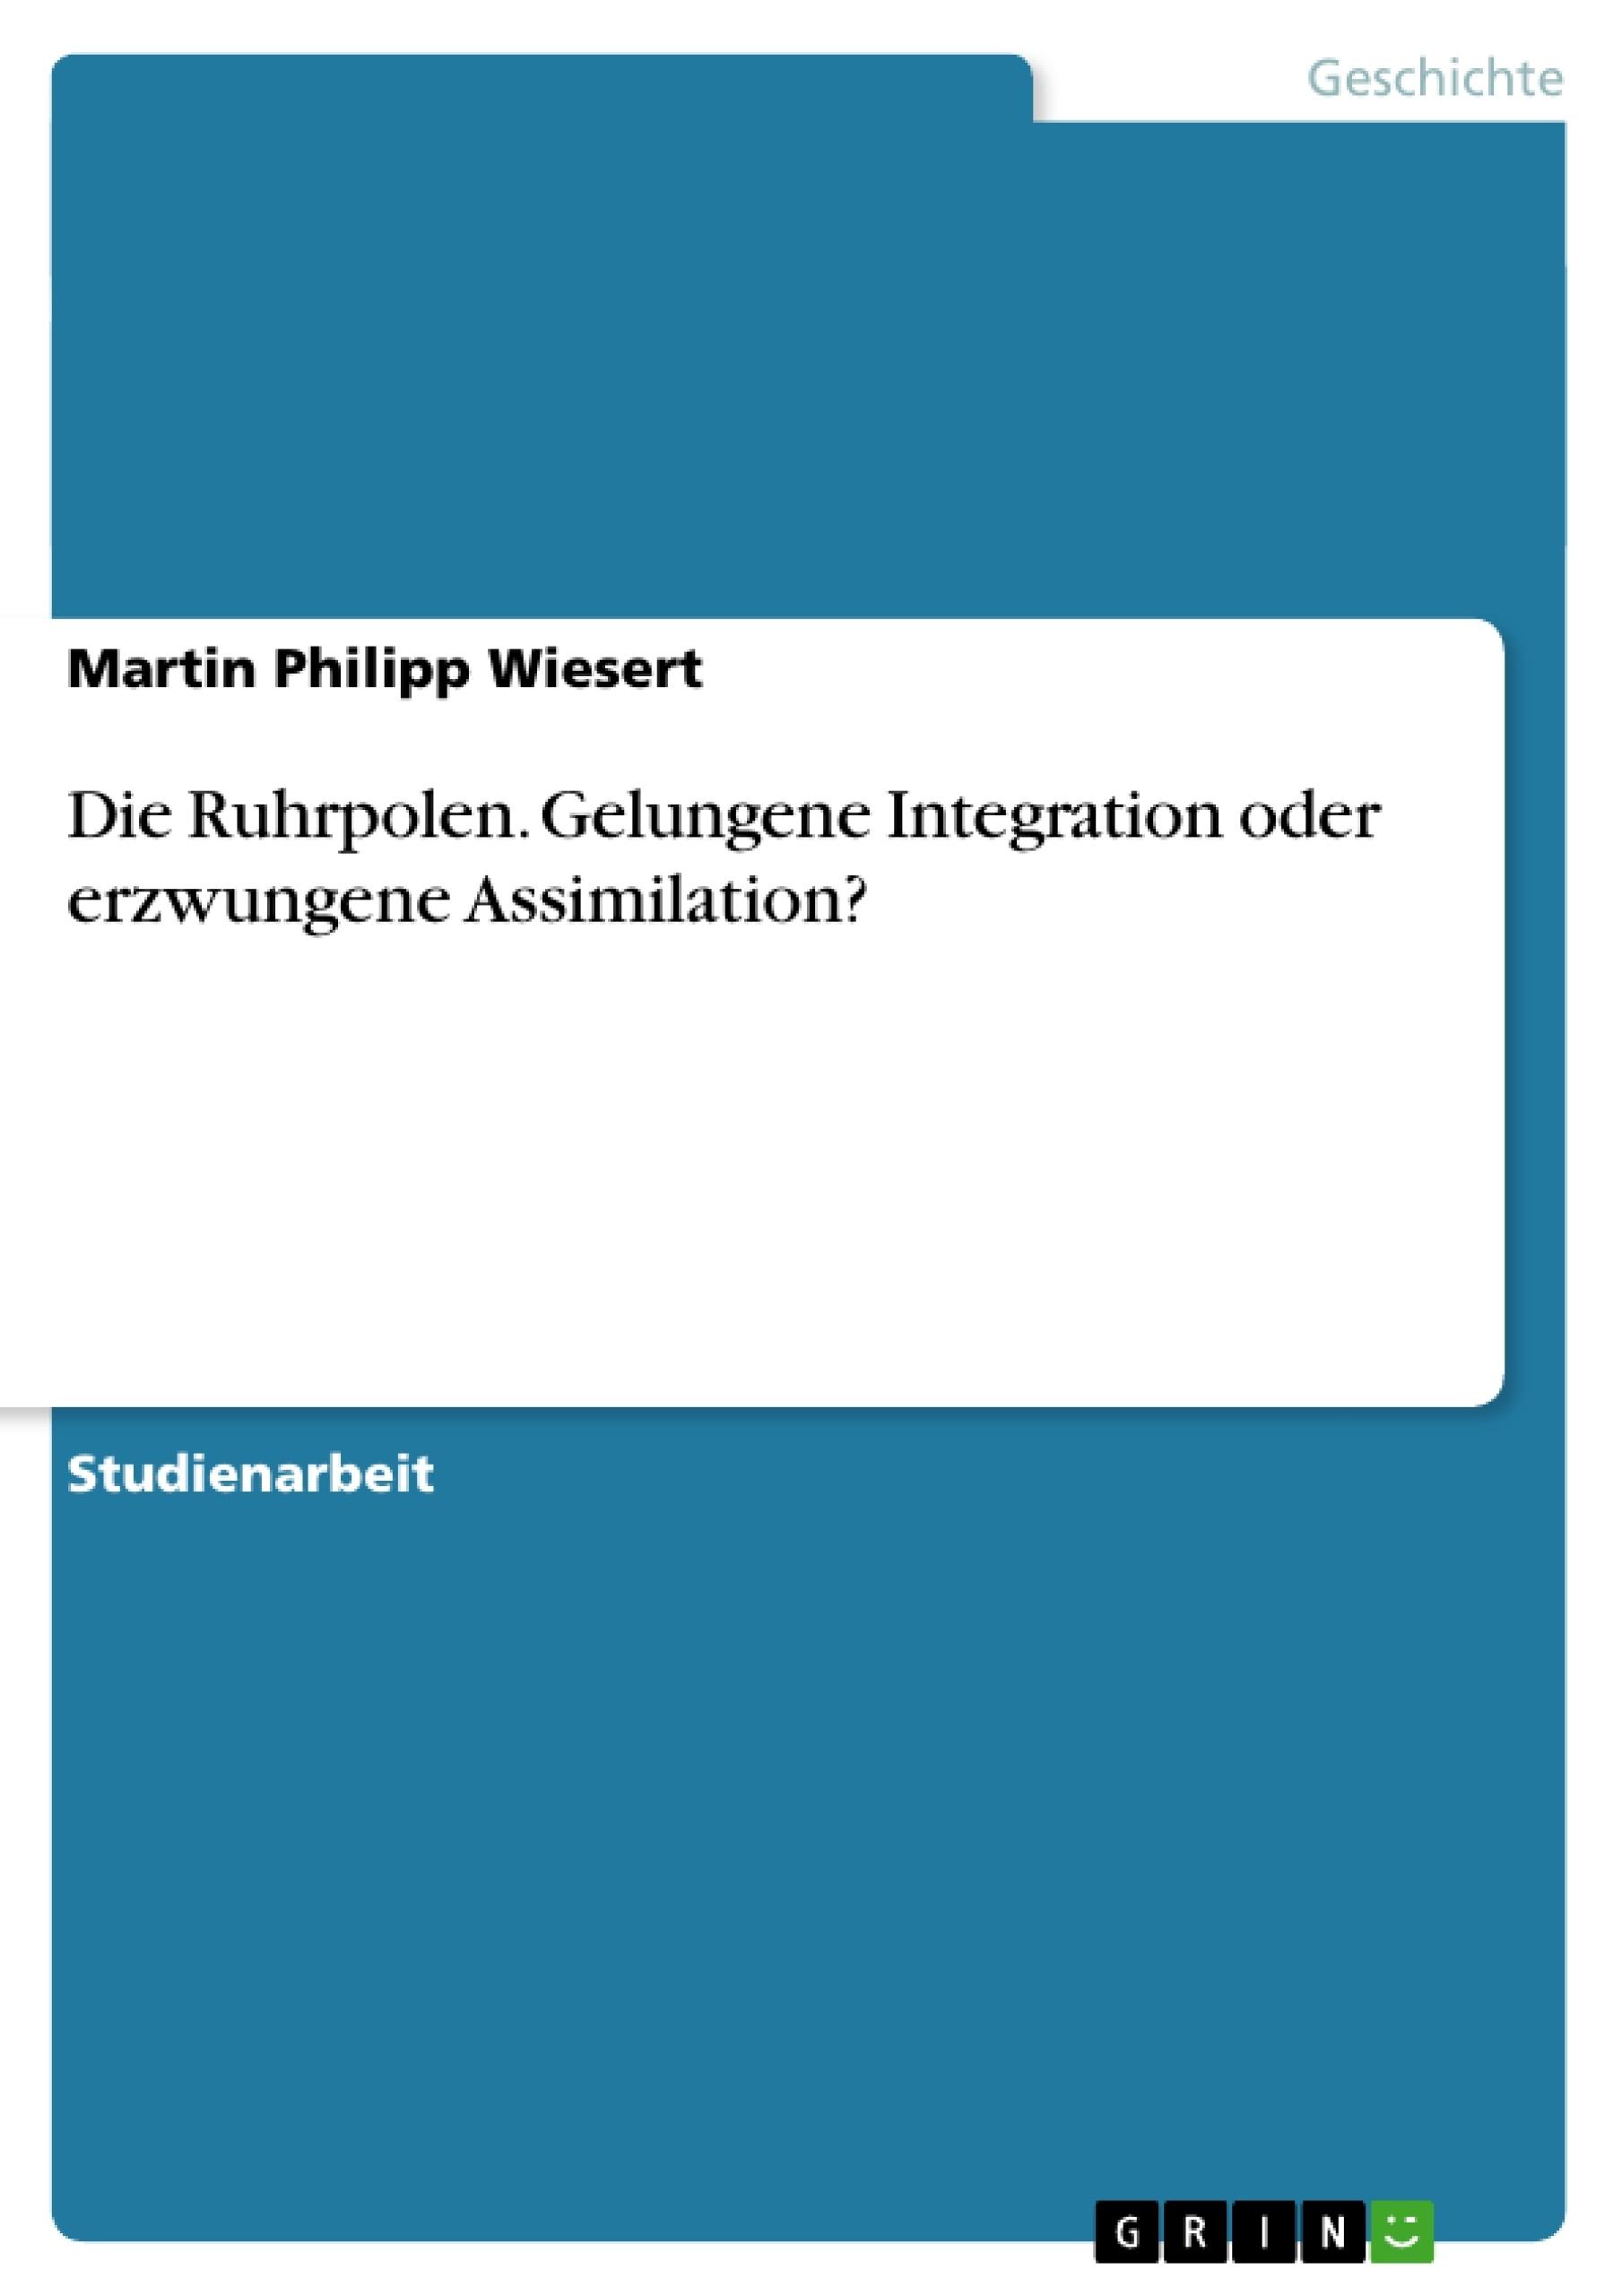 Titel: Die Ruhrpolen. Gelungene Integration oder erzwungene Assimilation?